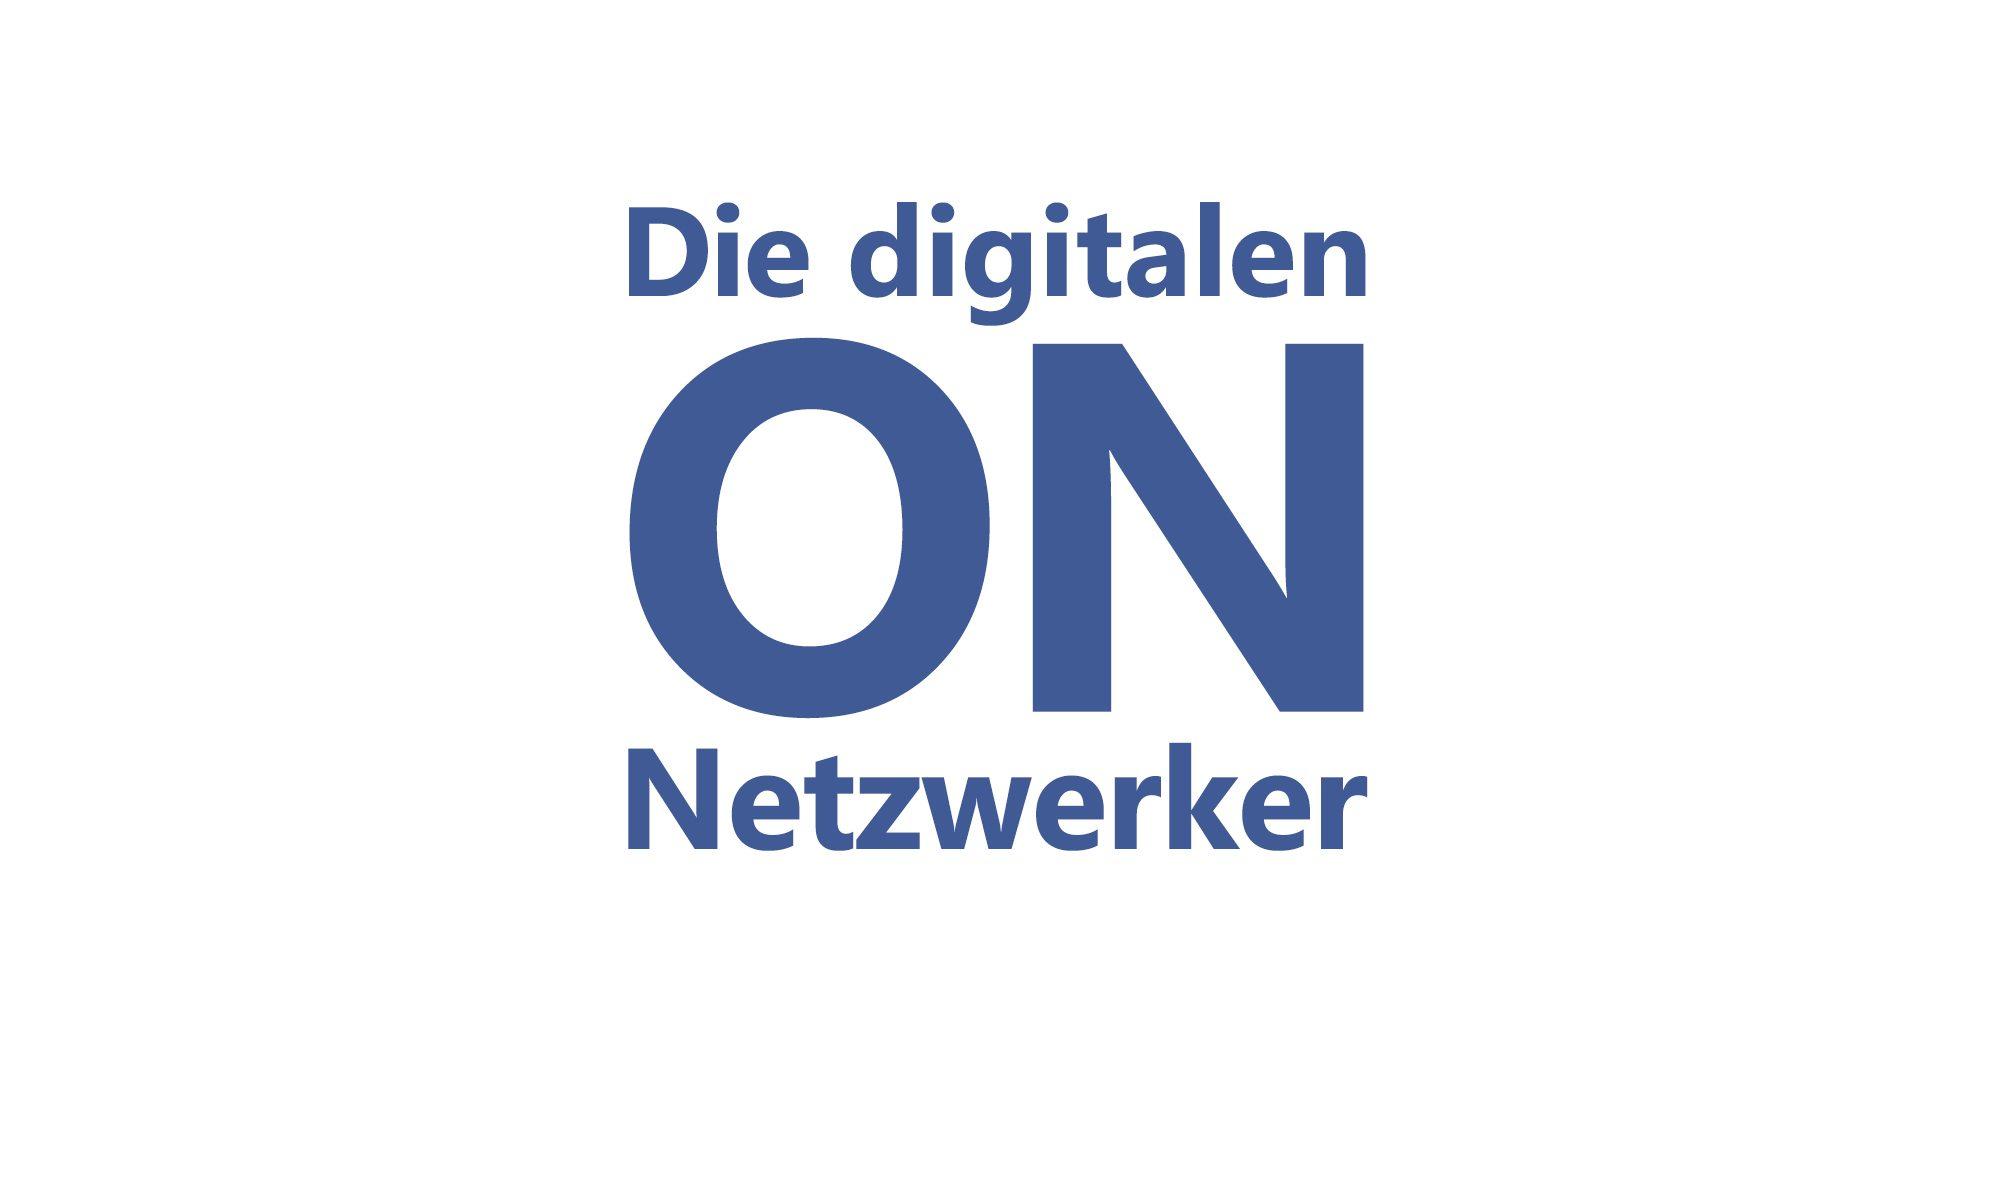 Digitale Netzwerker